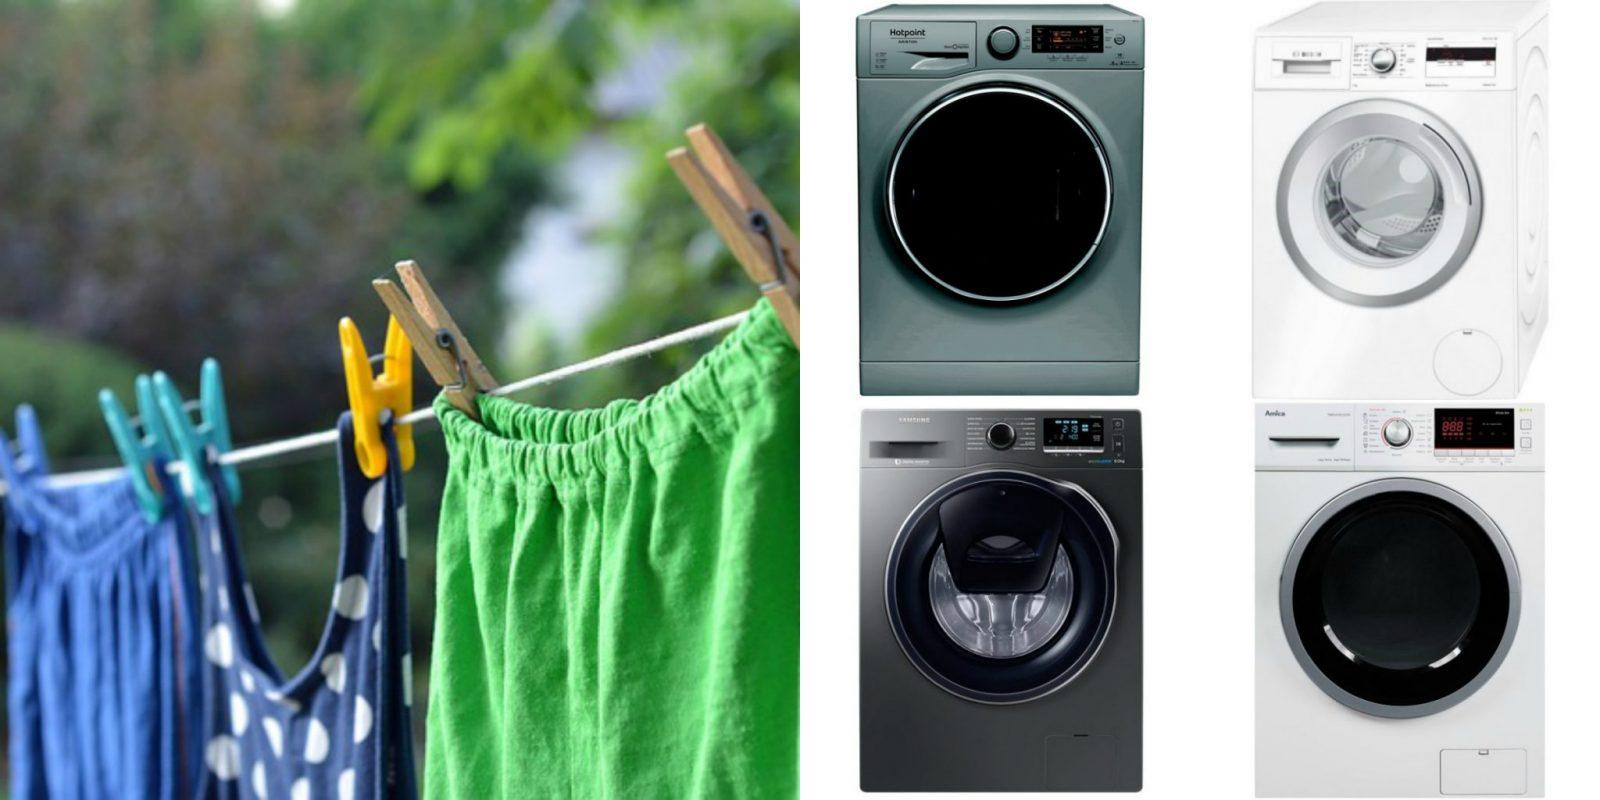 Jak wybrać pralkę? Klasa energeryczna, zużycie wody, poziom hałasu, na jakie parametry zwracać uwagę?